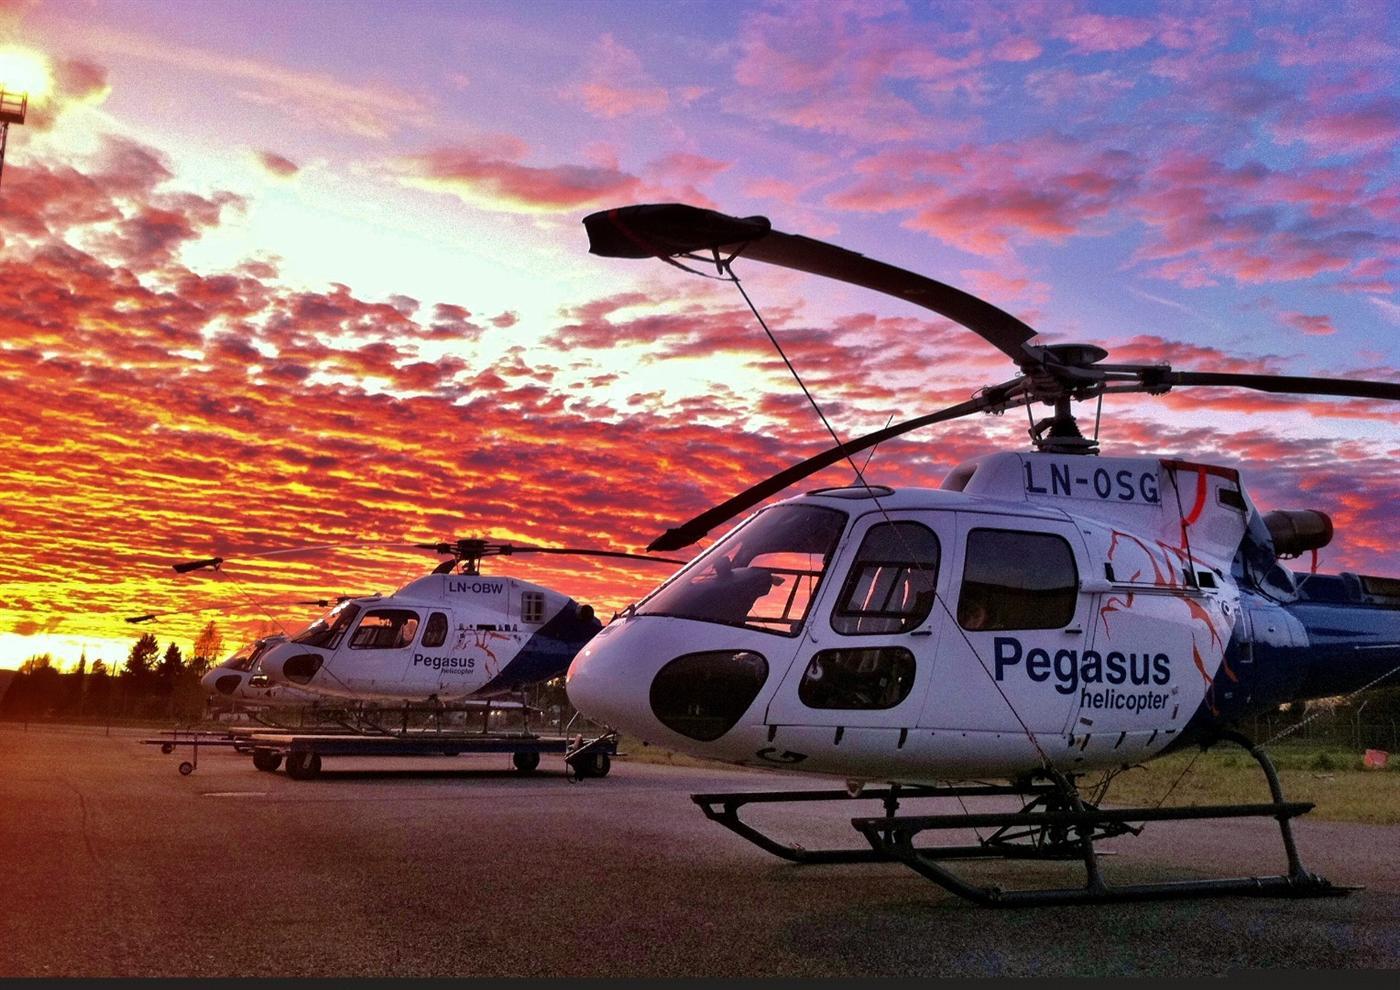 Pegasus Helicopter AS: ECIT er en partner som forstår vår drift og kompleksistet